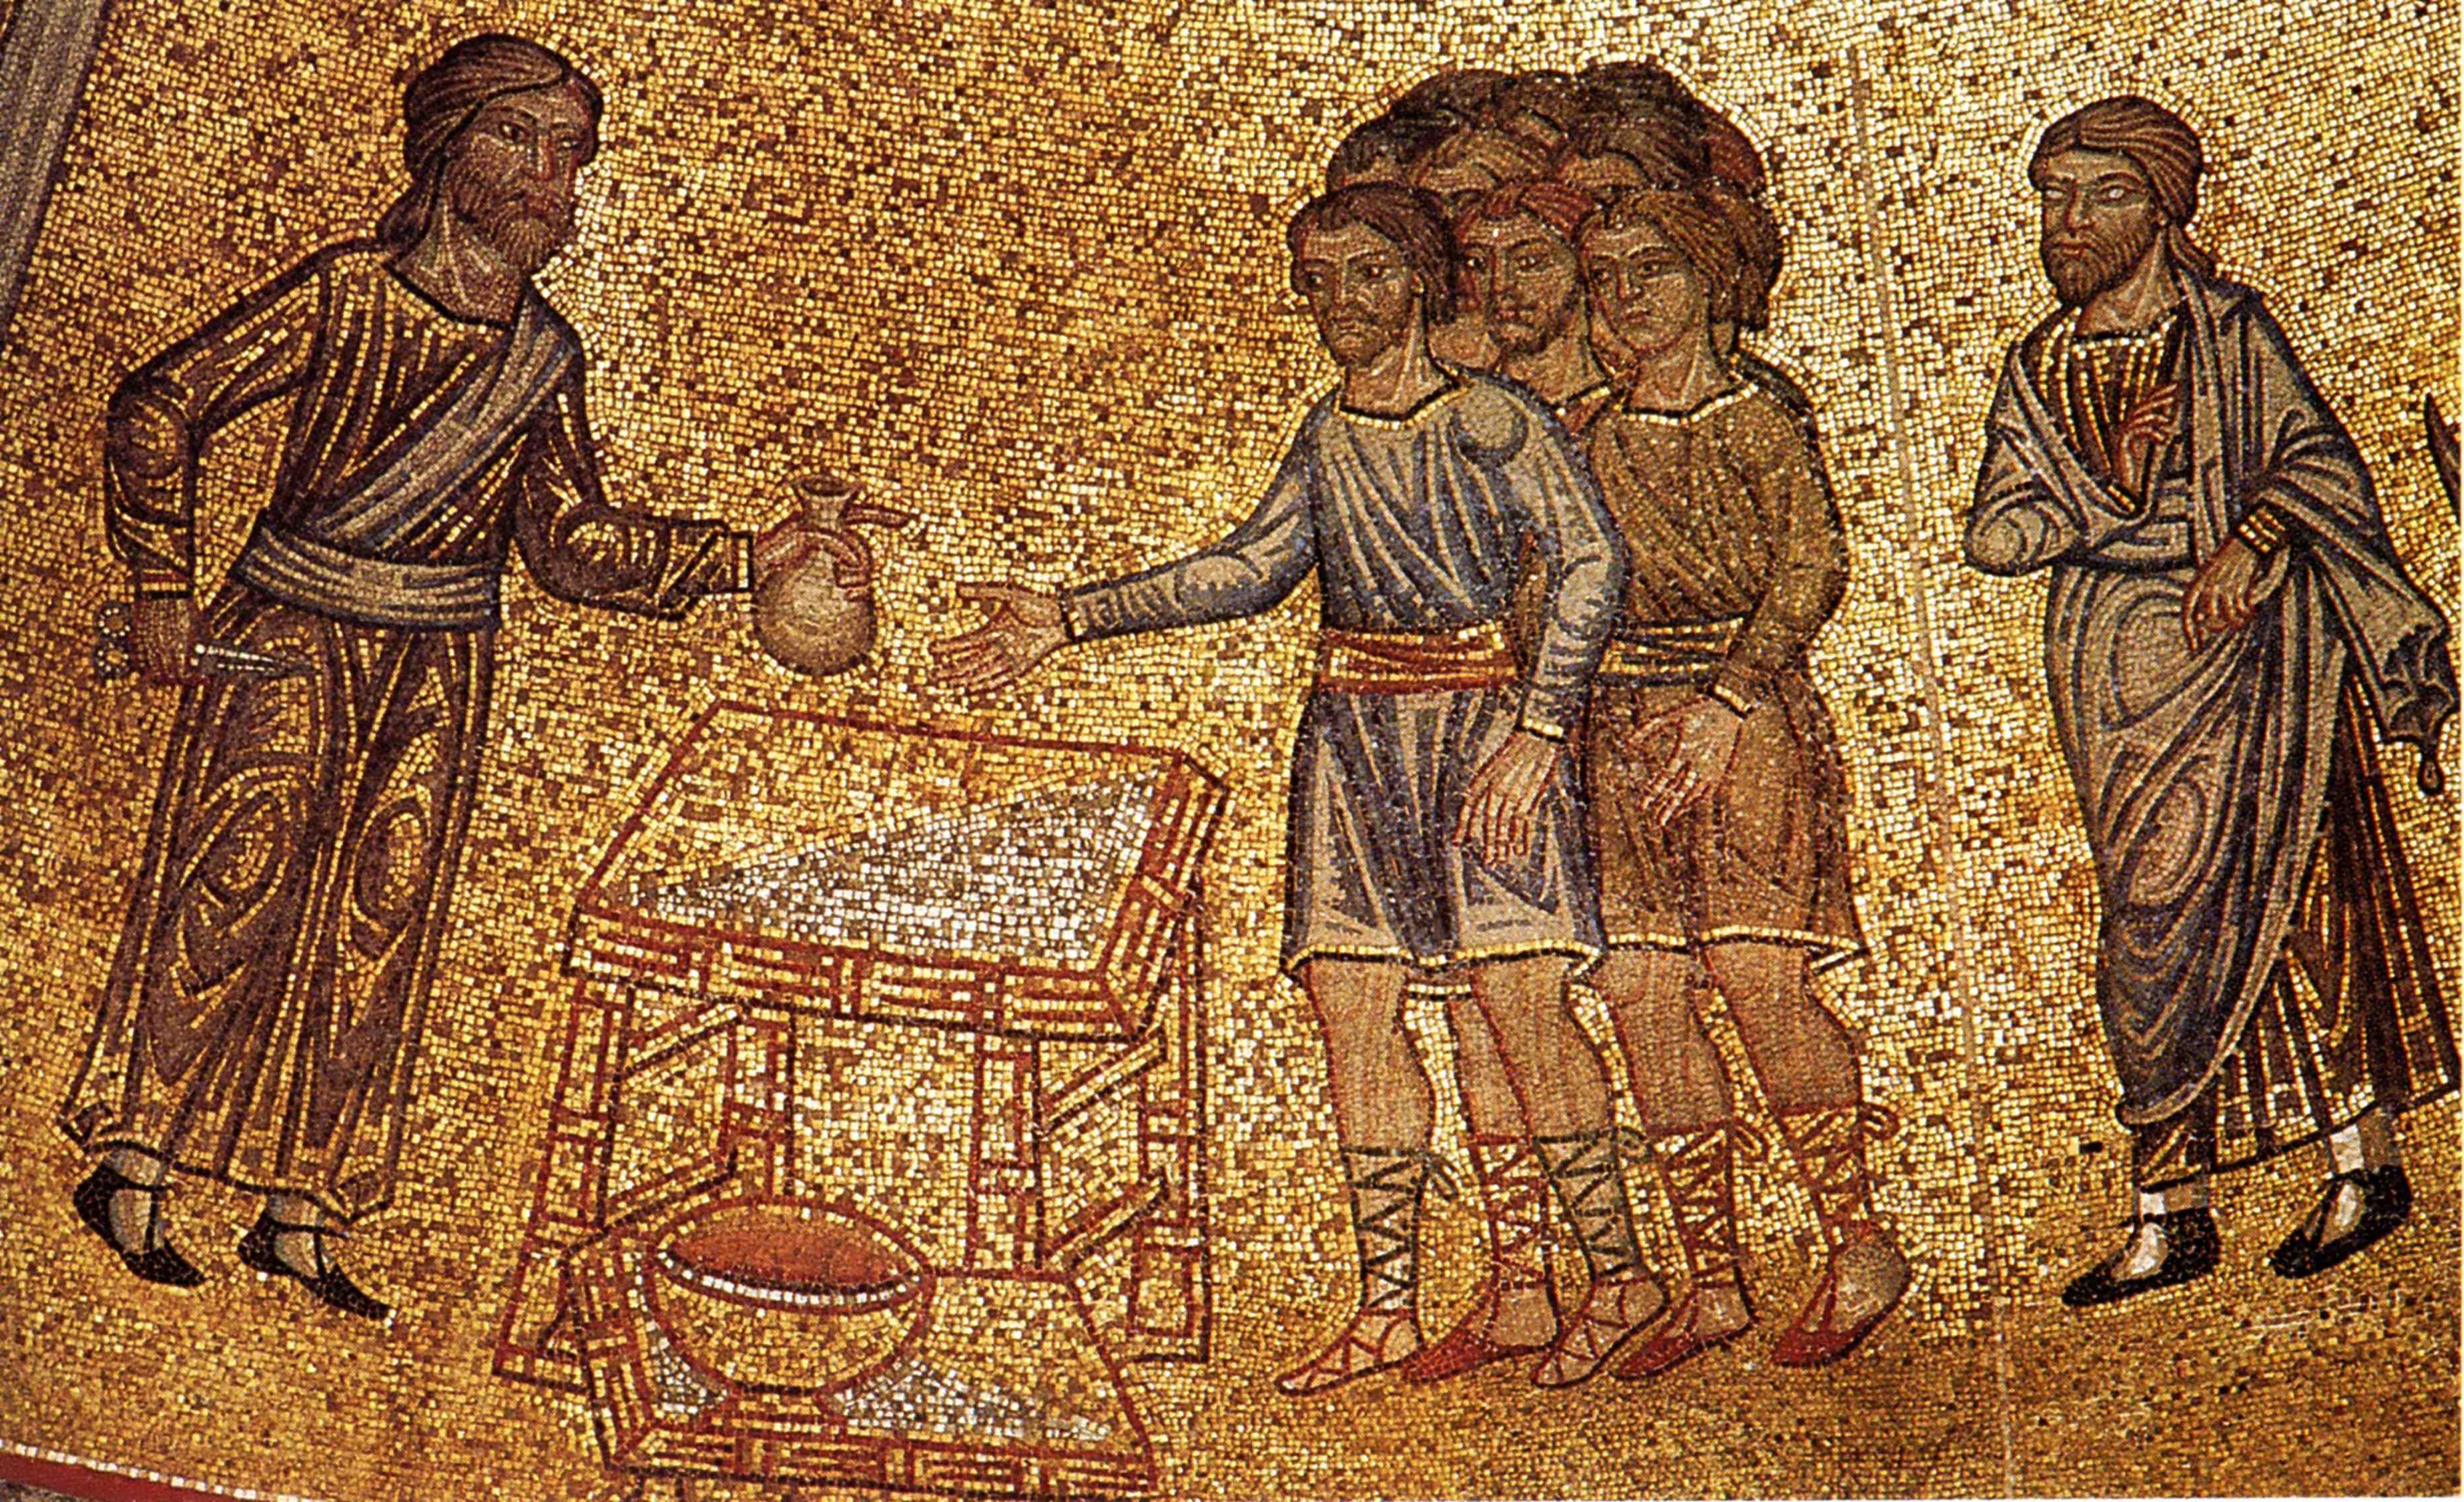 византийская культура в картинках часть четырнадцатой модели